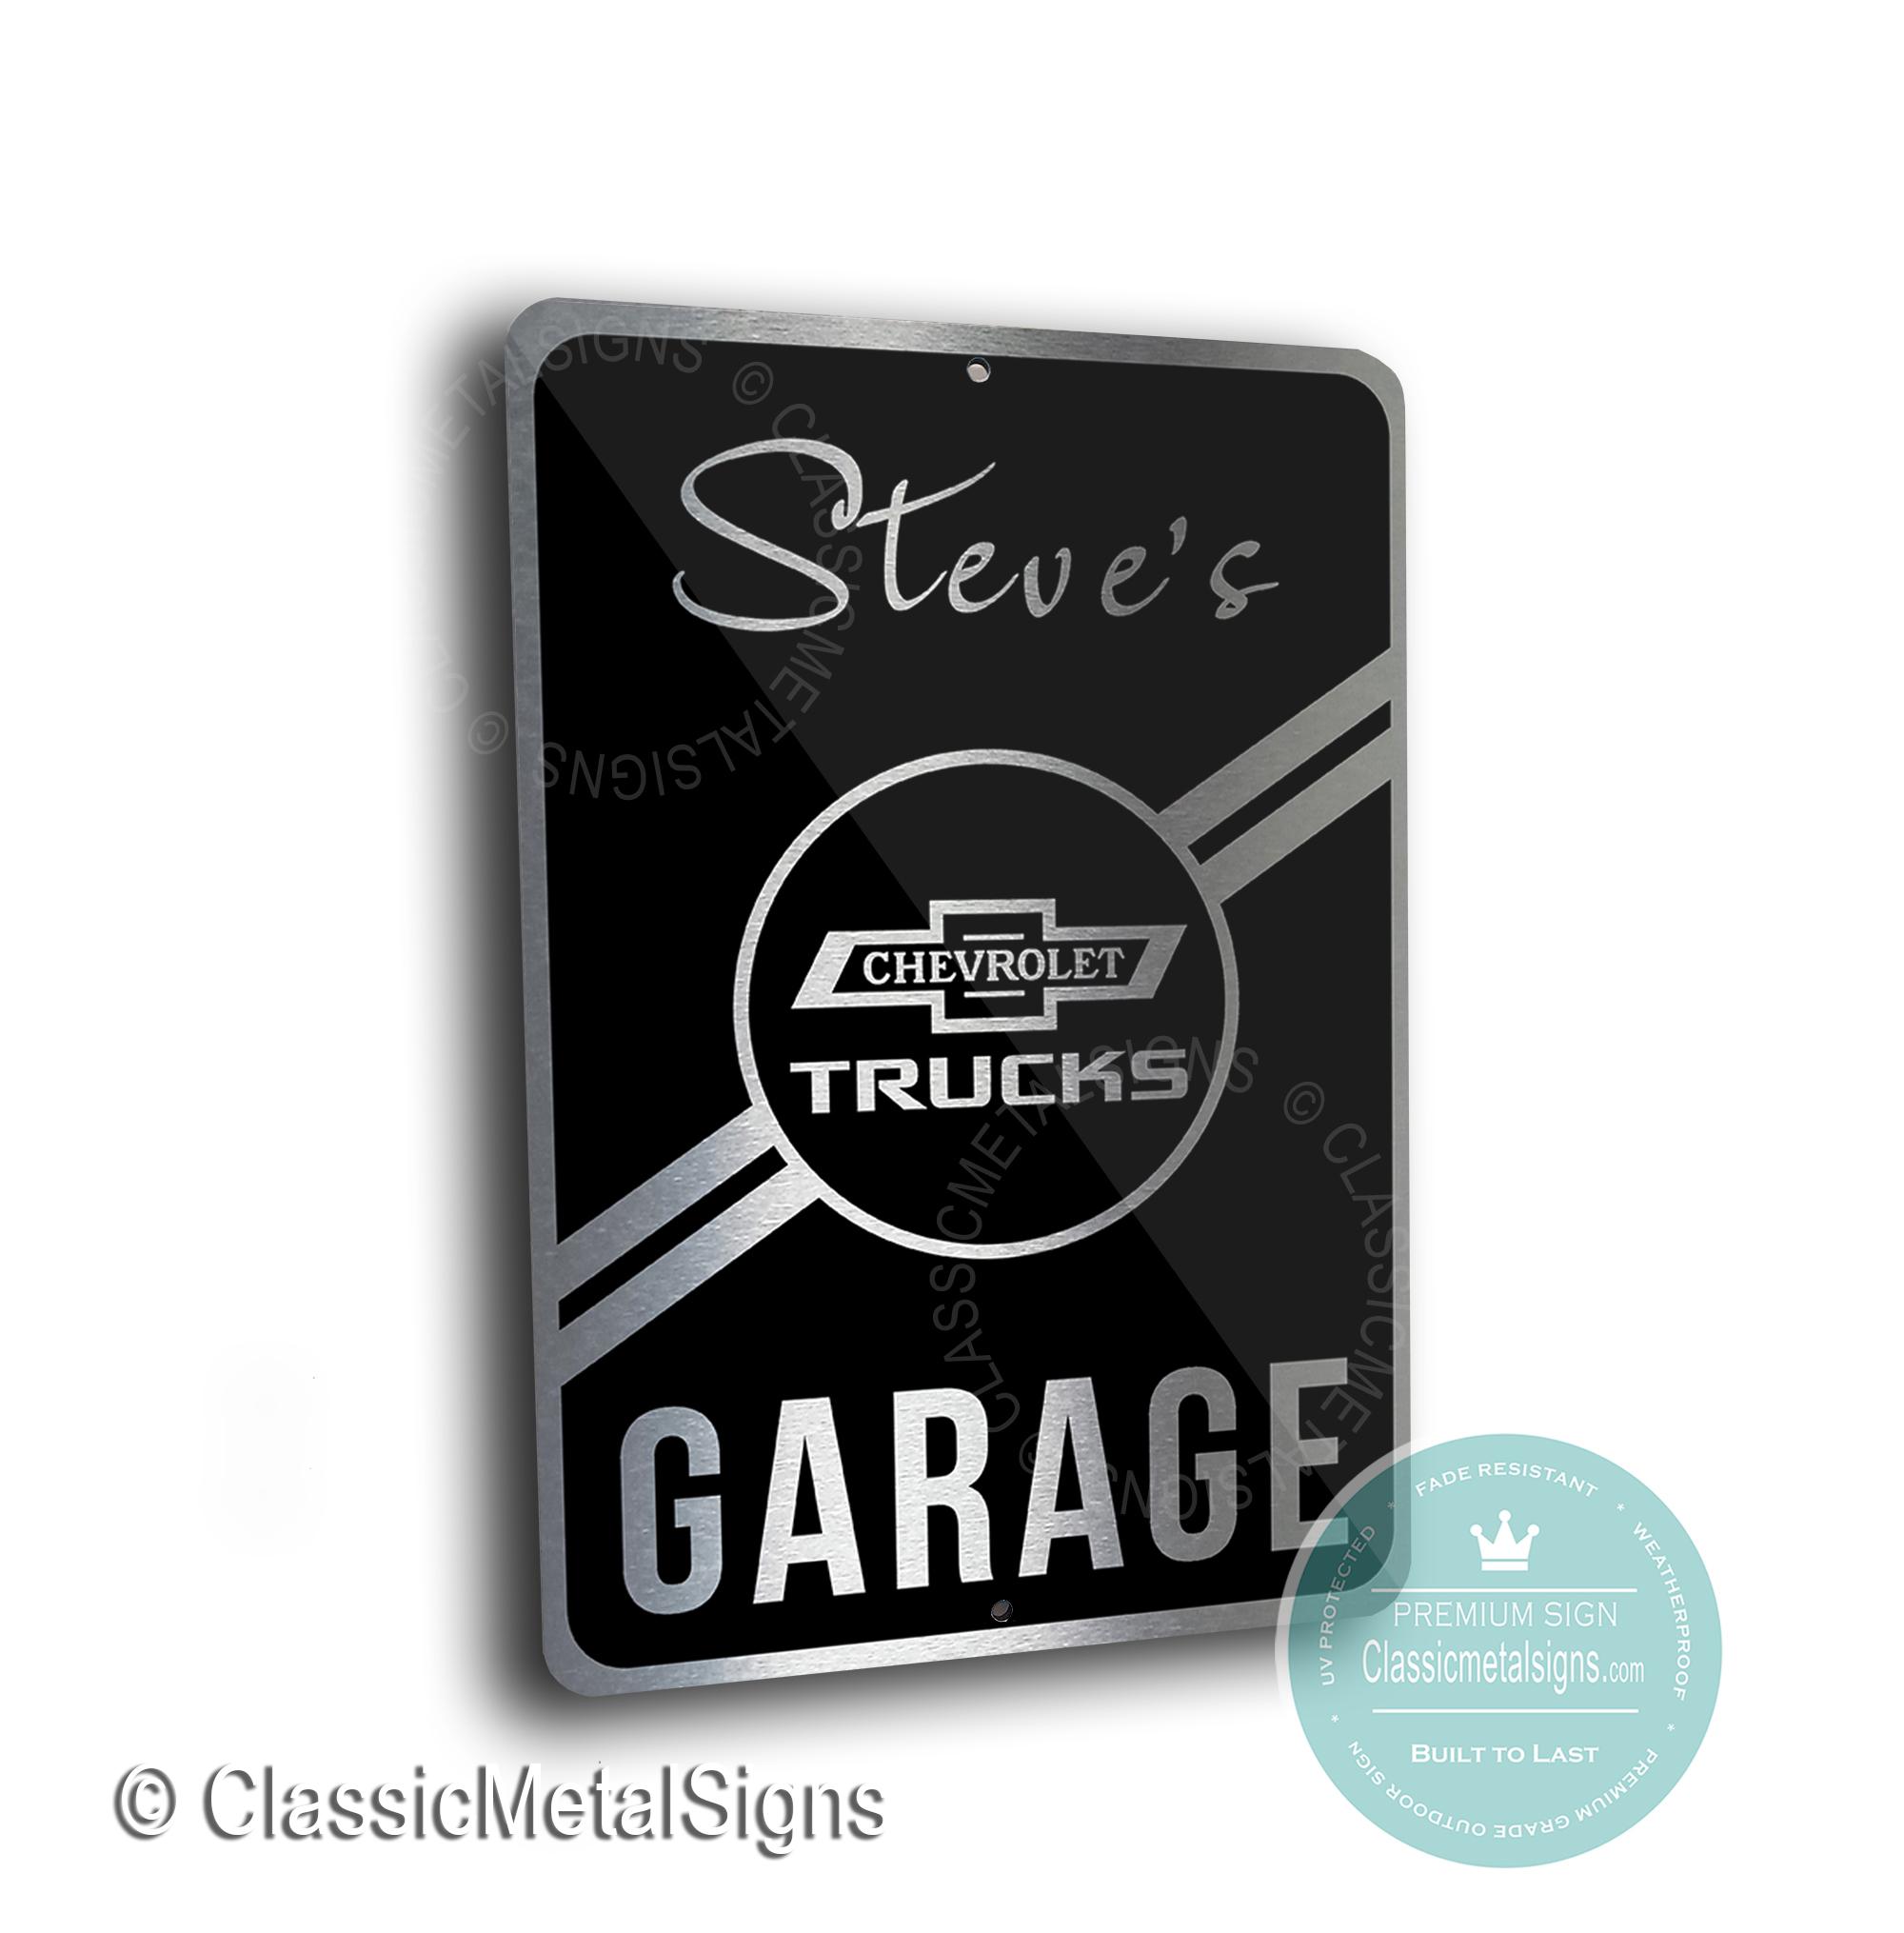 Chevrolet Trucks Garage Signs